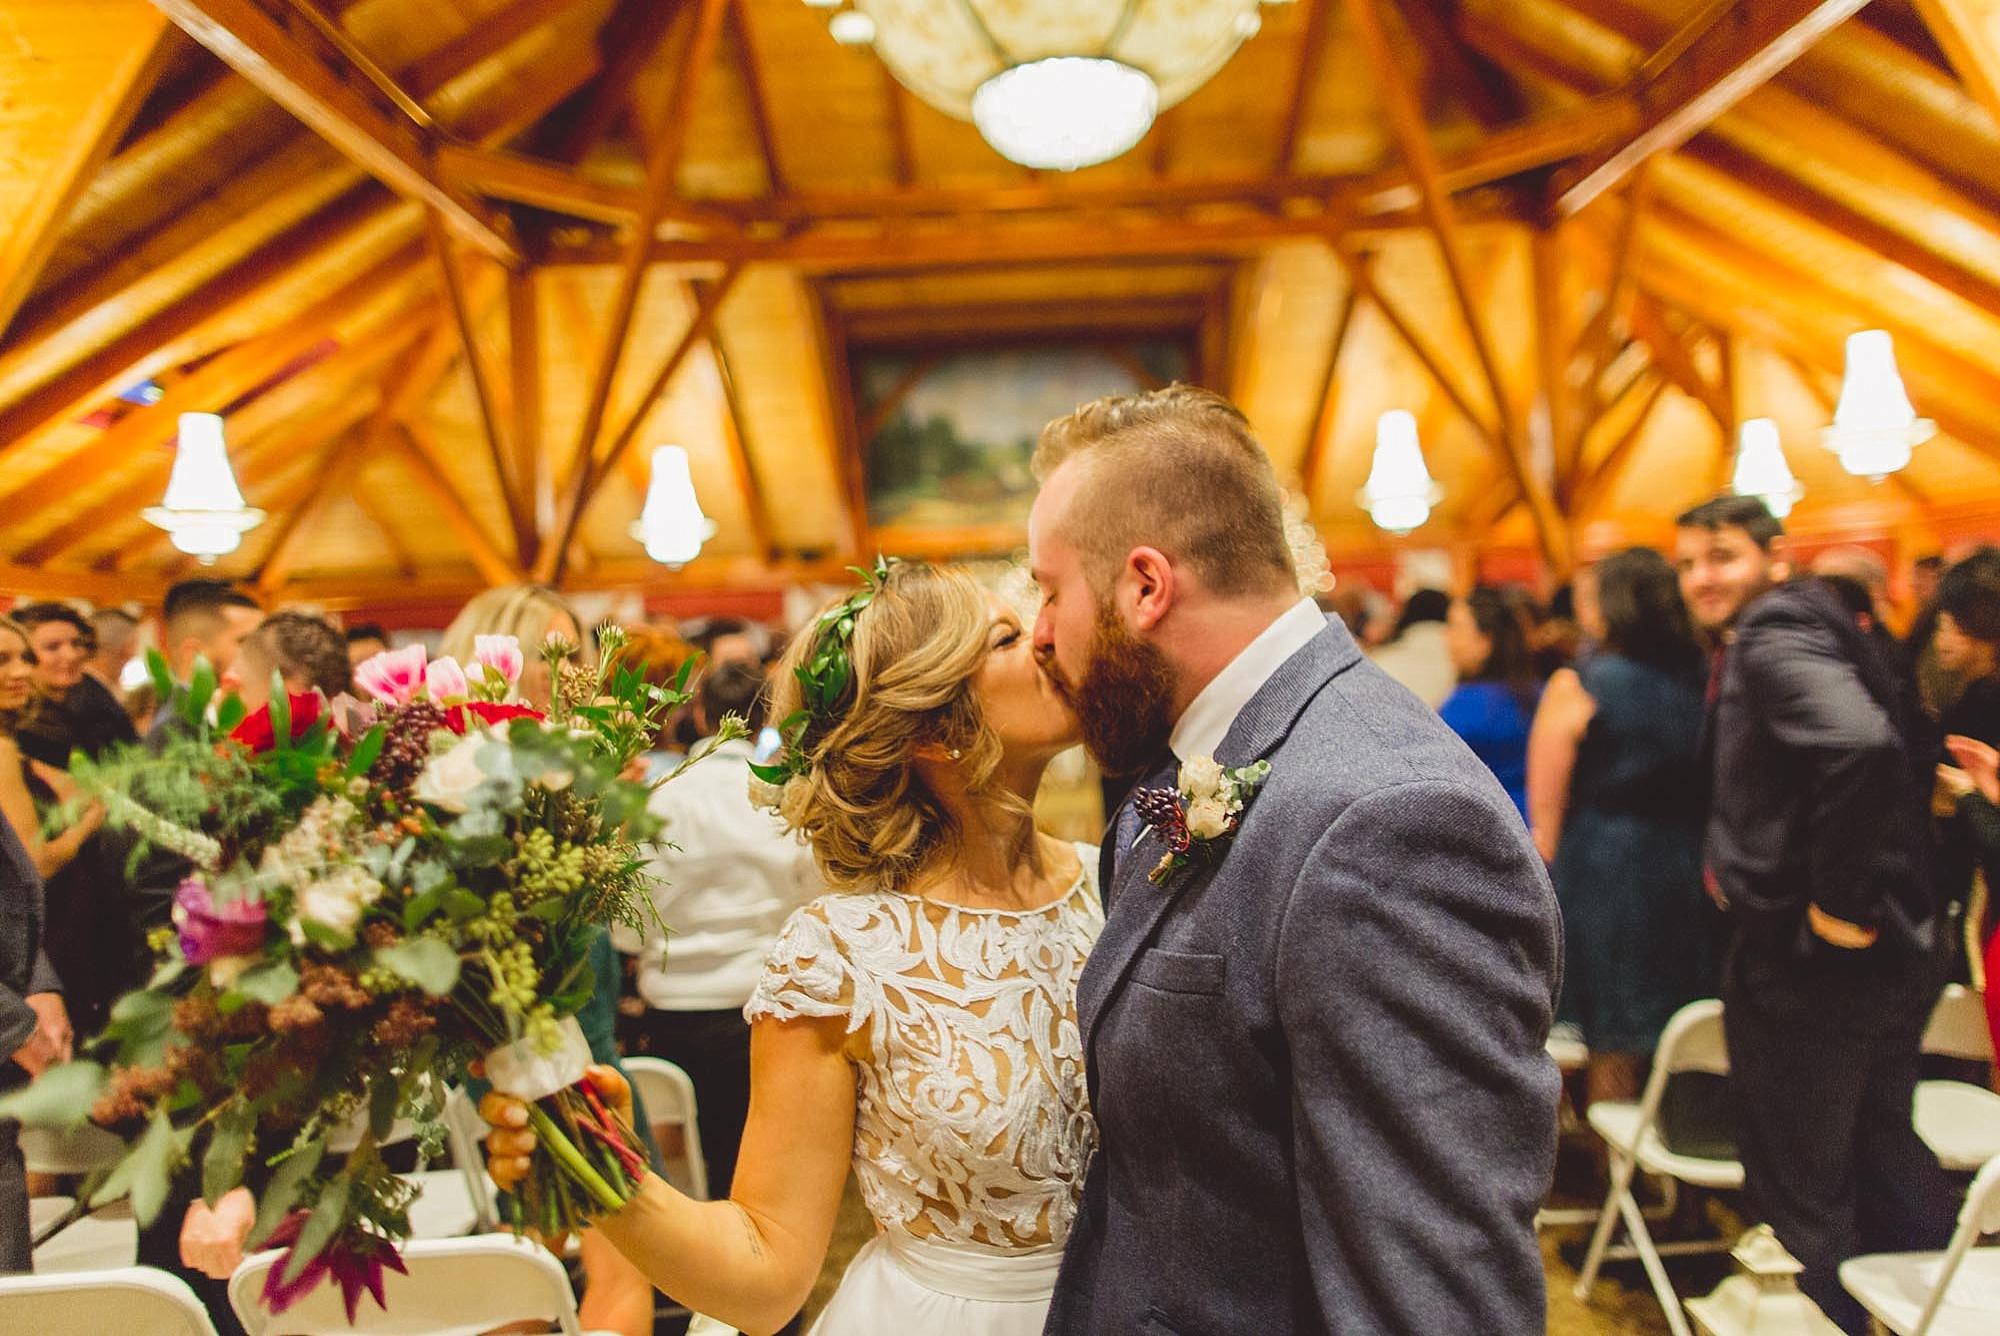 Tweaksbury-country-clup-wedding-52.jpg